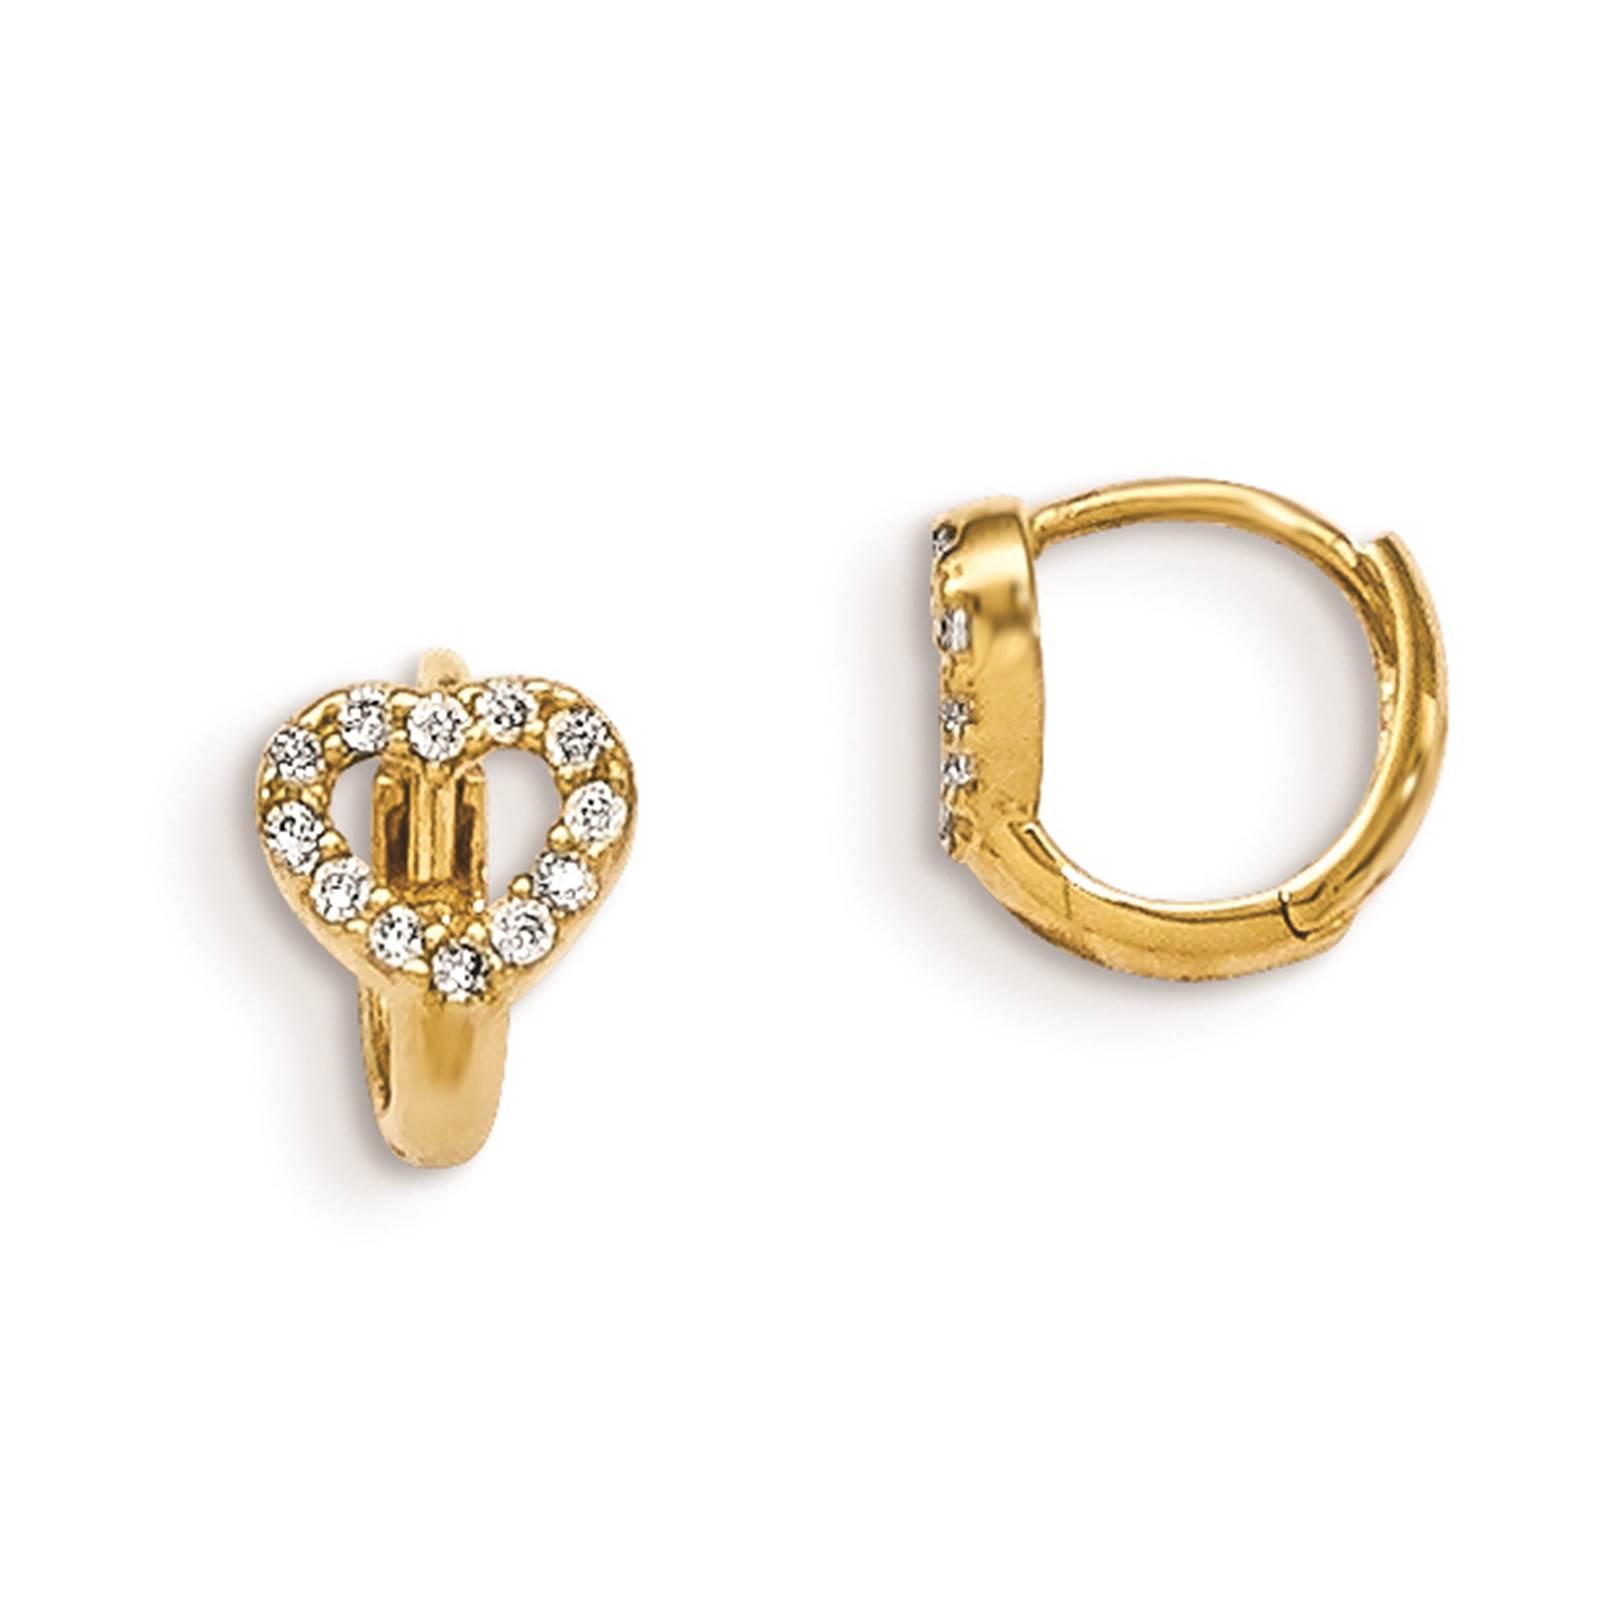 Madi K Kids 14k Yellow Gold Children's Heart Hinged Hoop Gift Boxed Earrings